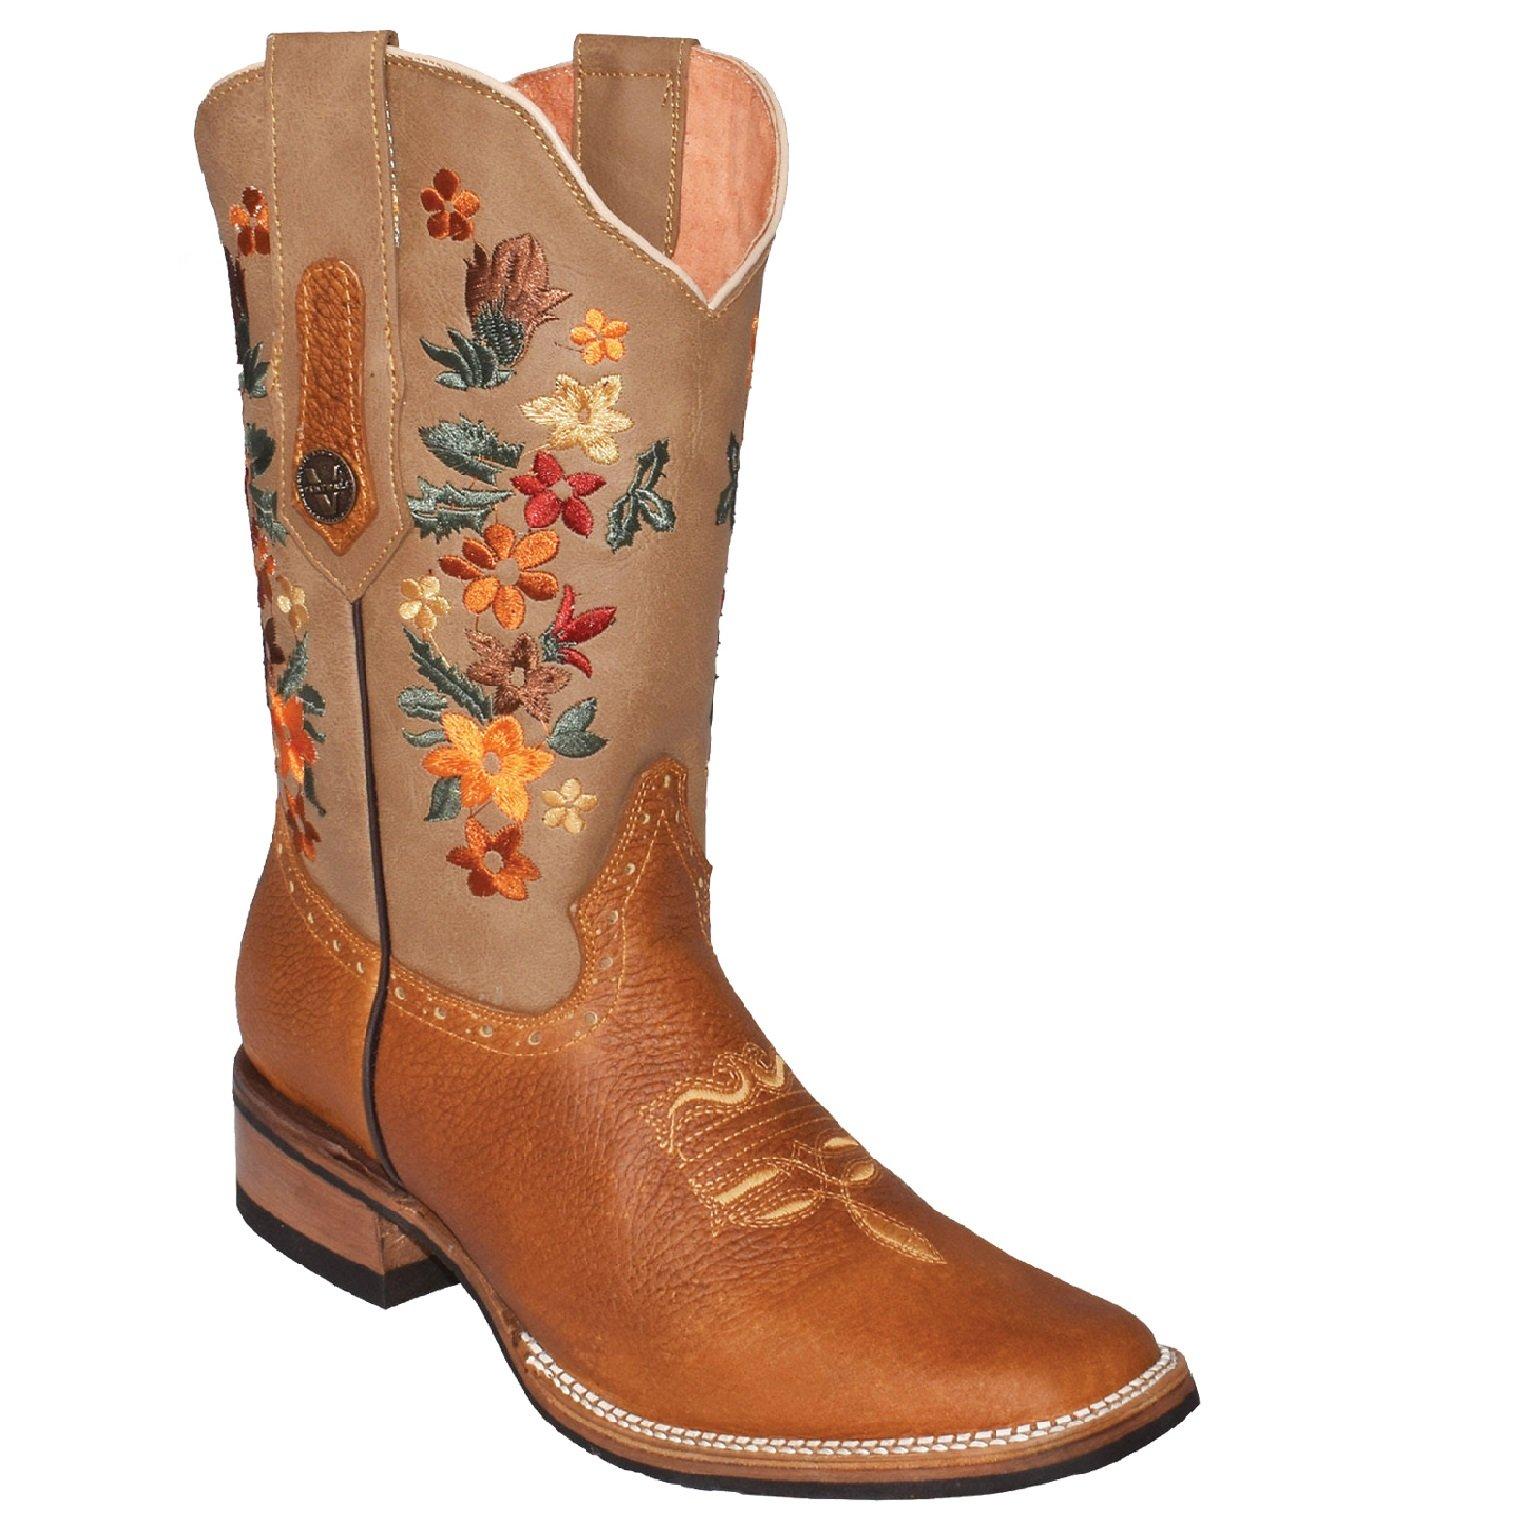 Responder Recogiendo hojas Cocinando  JB-VE309 - Botas Vaqueras para Mujer | Botas vaqueras mujer, Botas vaqueras,  Outfits con botas vaqueras